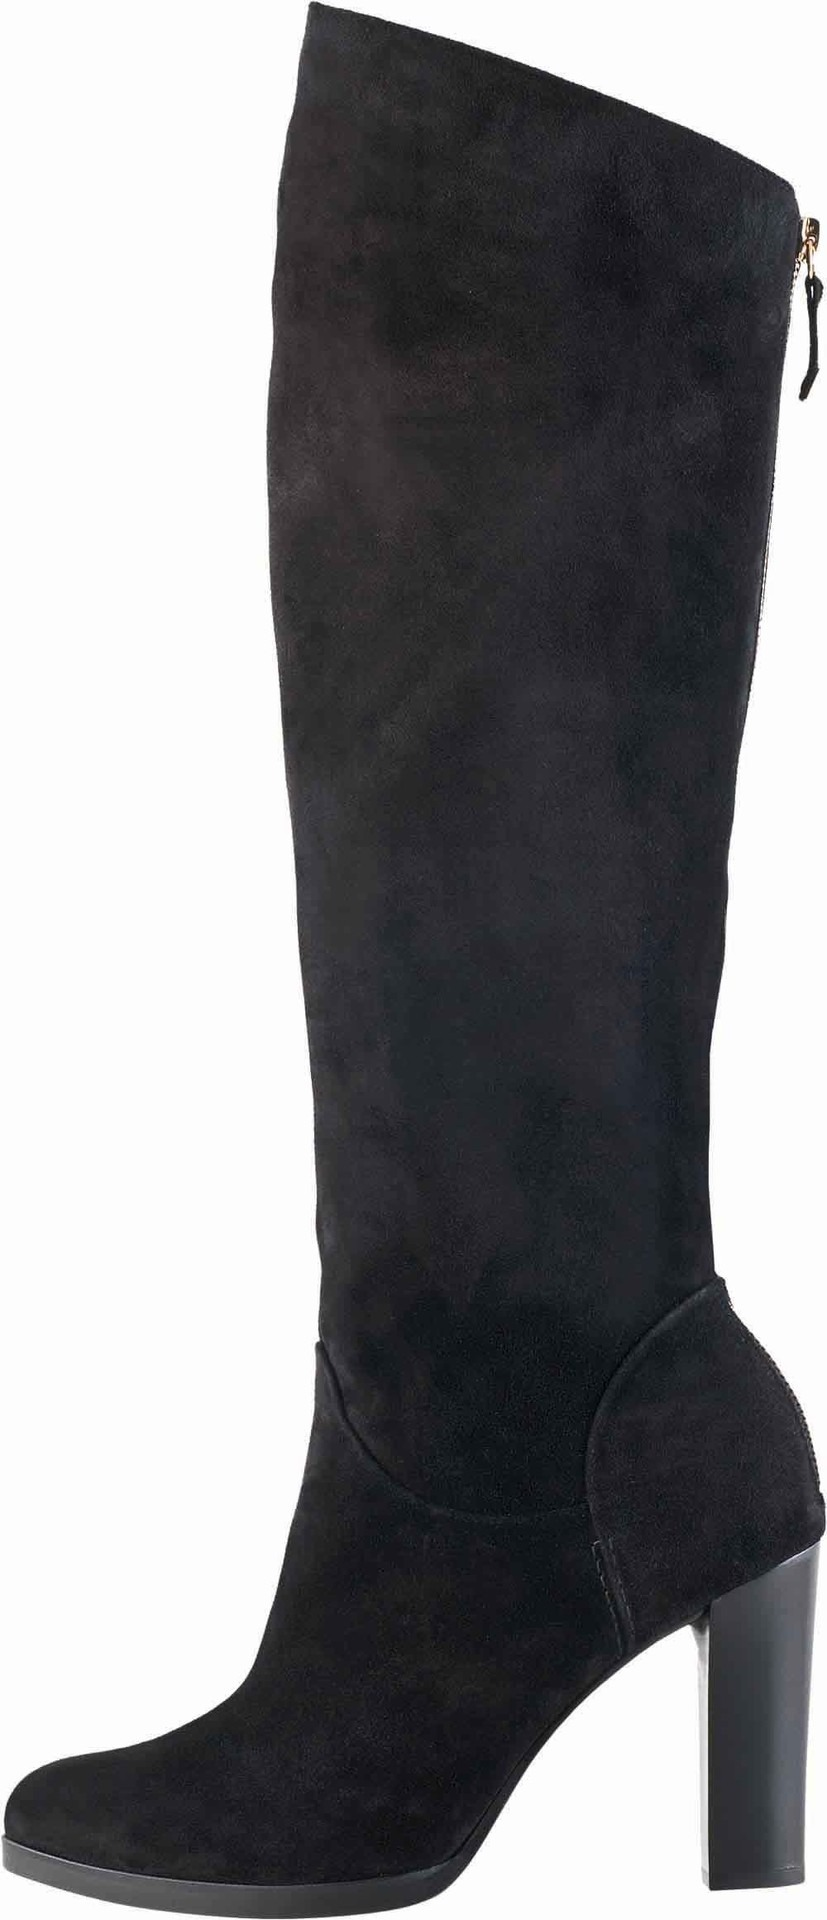 4ffa22443395 Soňa - Dámska obuv - Čižmy - Čierne vysoké čižmy z brúsenej kože Högl